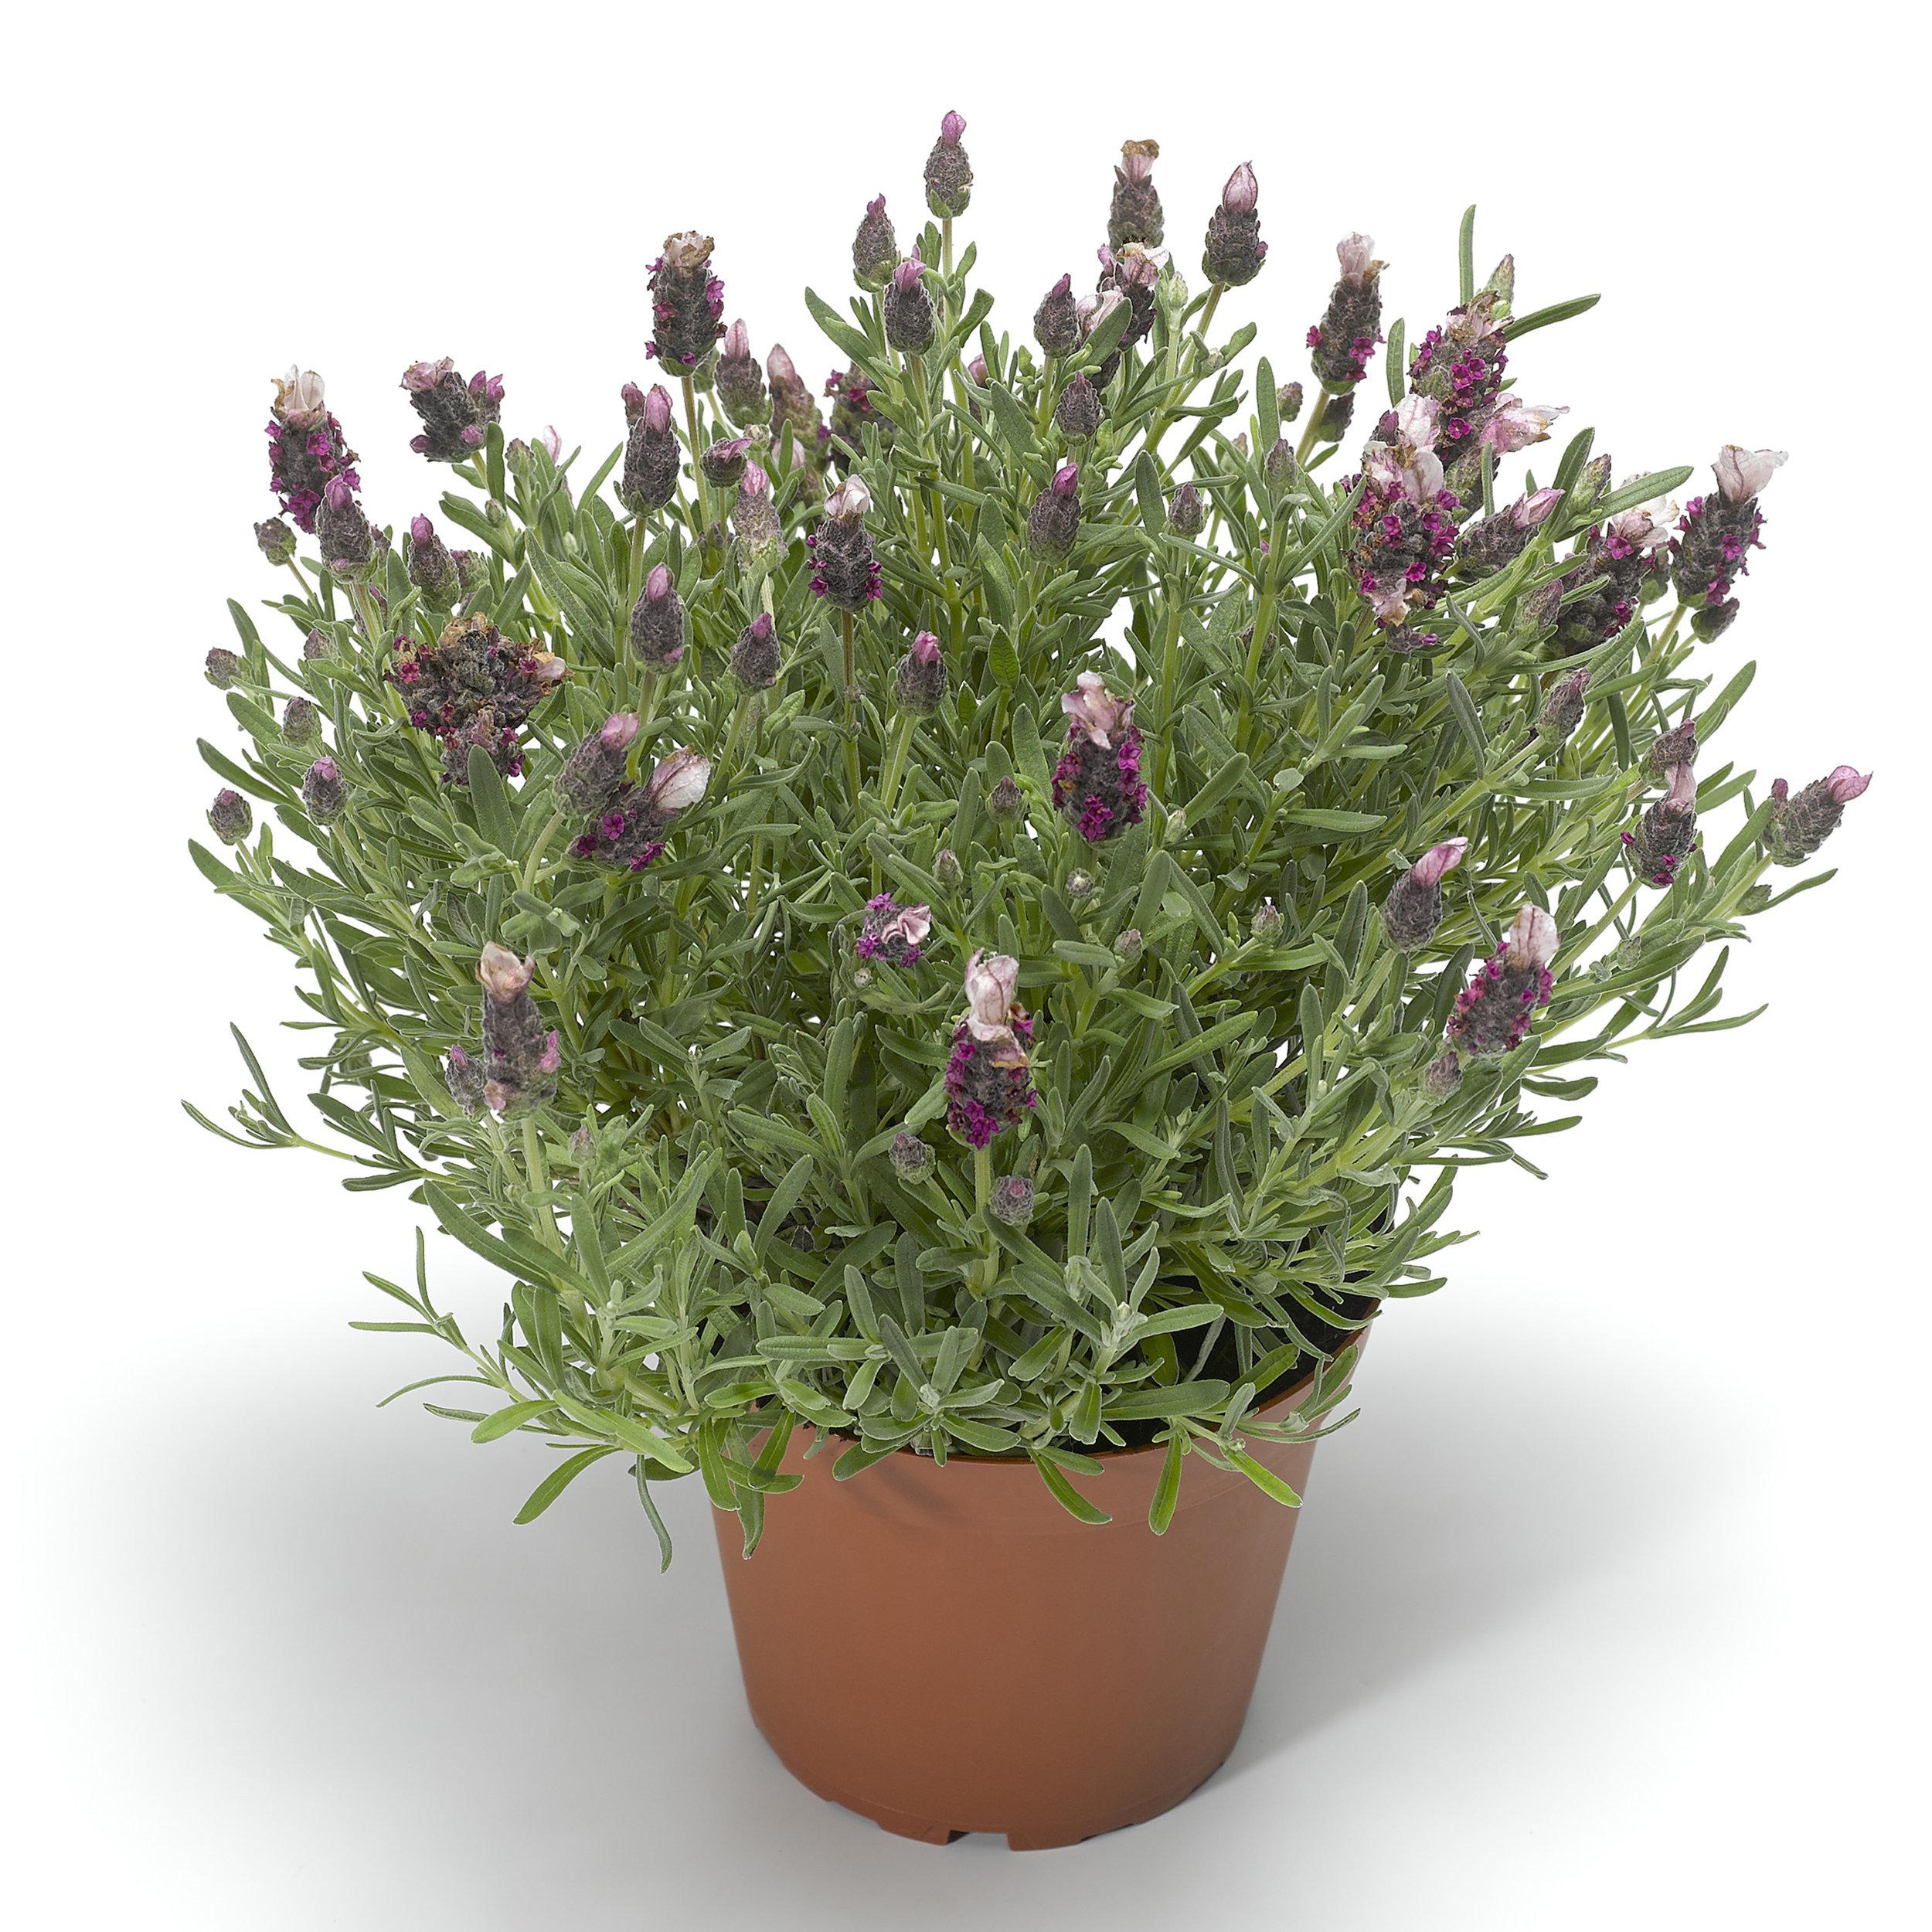 HR_Seed_Lavender_Castilliano_2.0™_Castilliano_2.0™_Rose_70019939_1.jpg